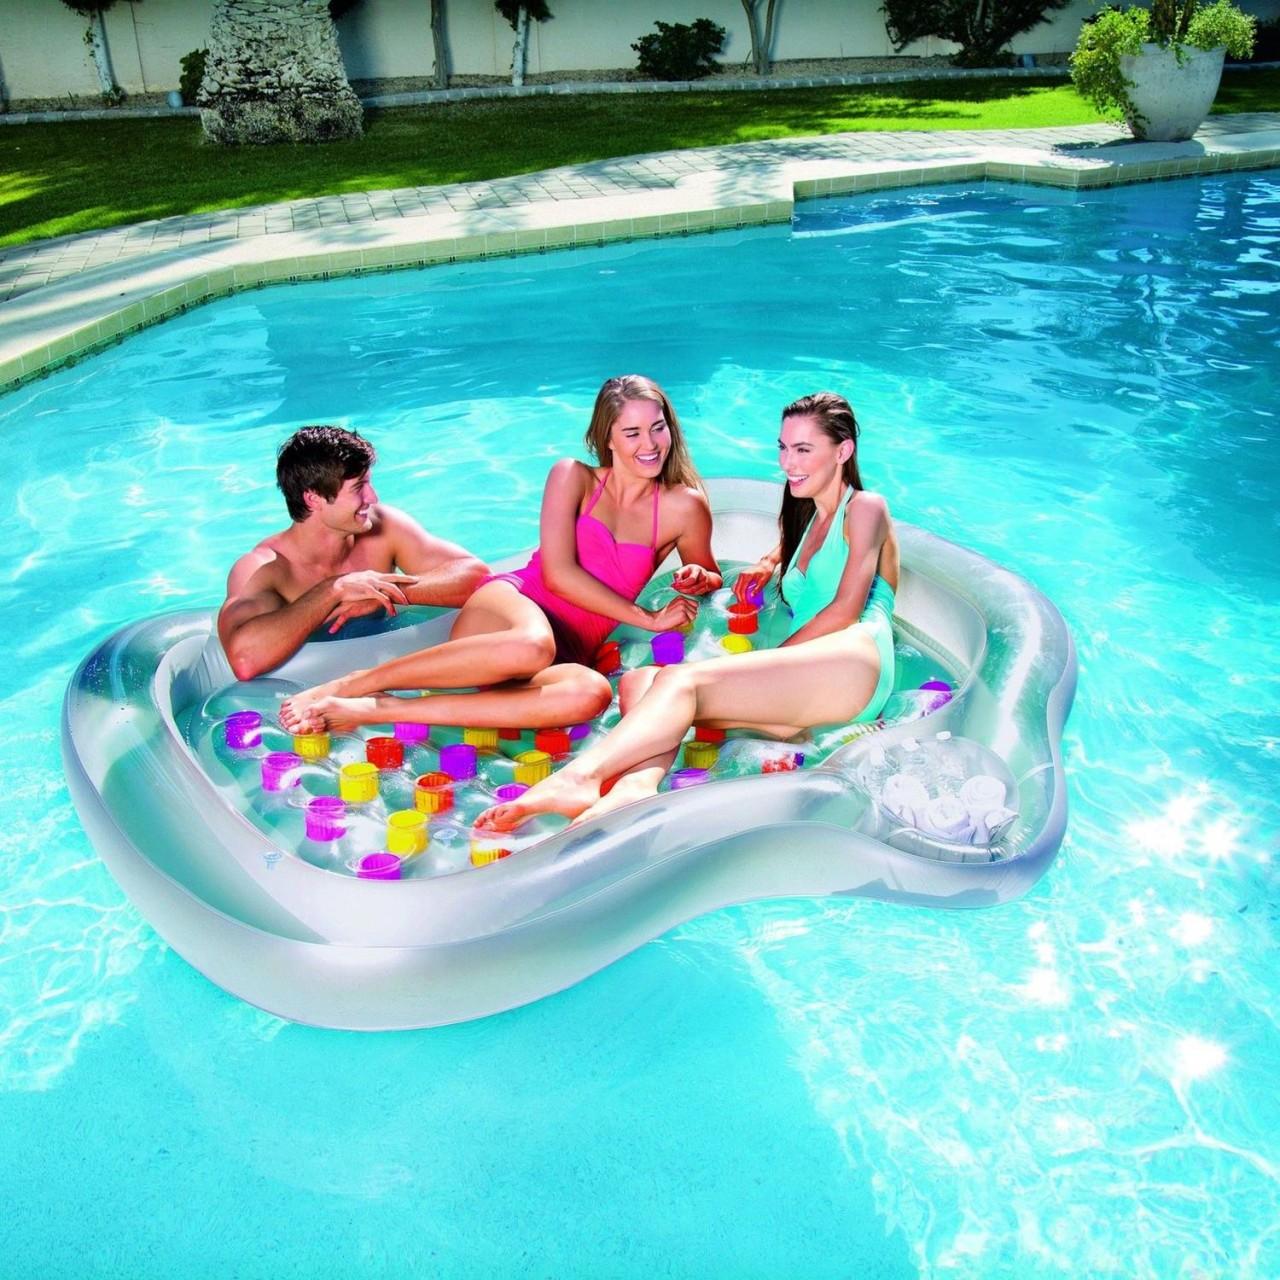 Bestway 43045 Doppel Luftmatratze Badeinsel Designer Pool Lounge Schwimmliege